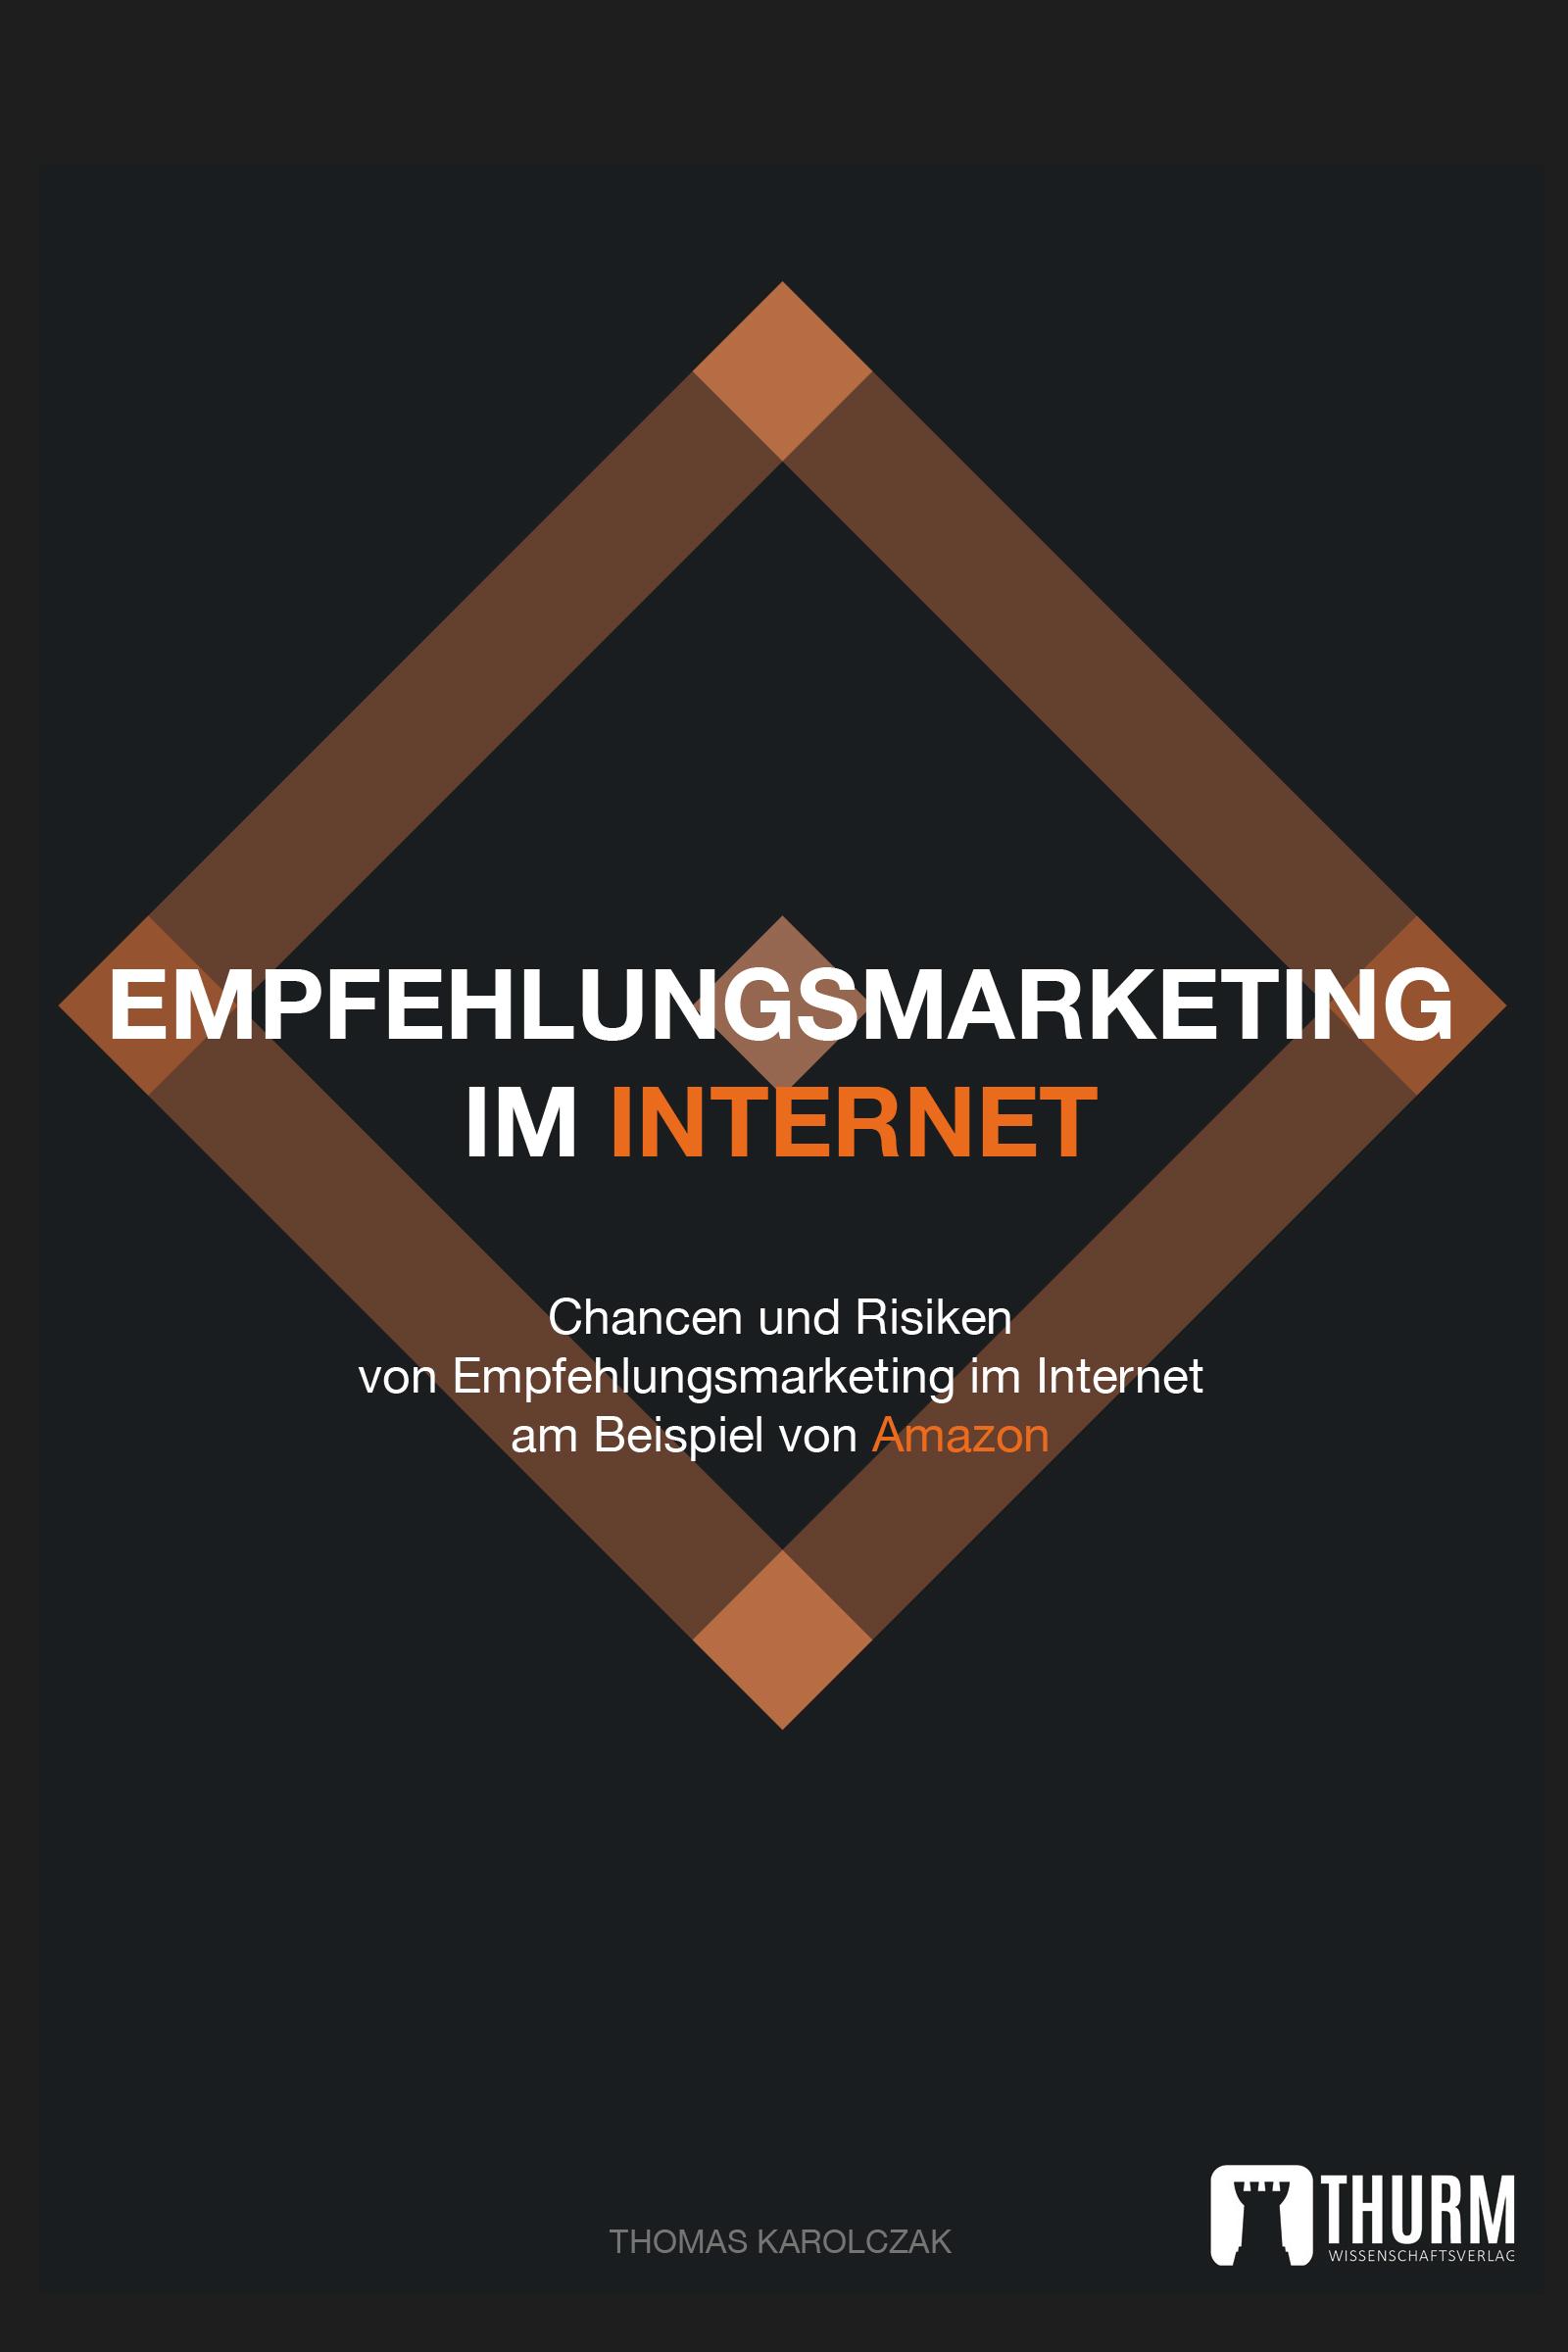 fachbuch empfehlungsmarketing im internet jungkonzept - Empfehlungsmarketing Beispiele